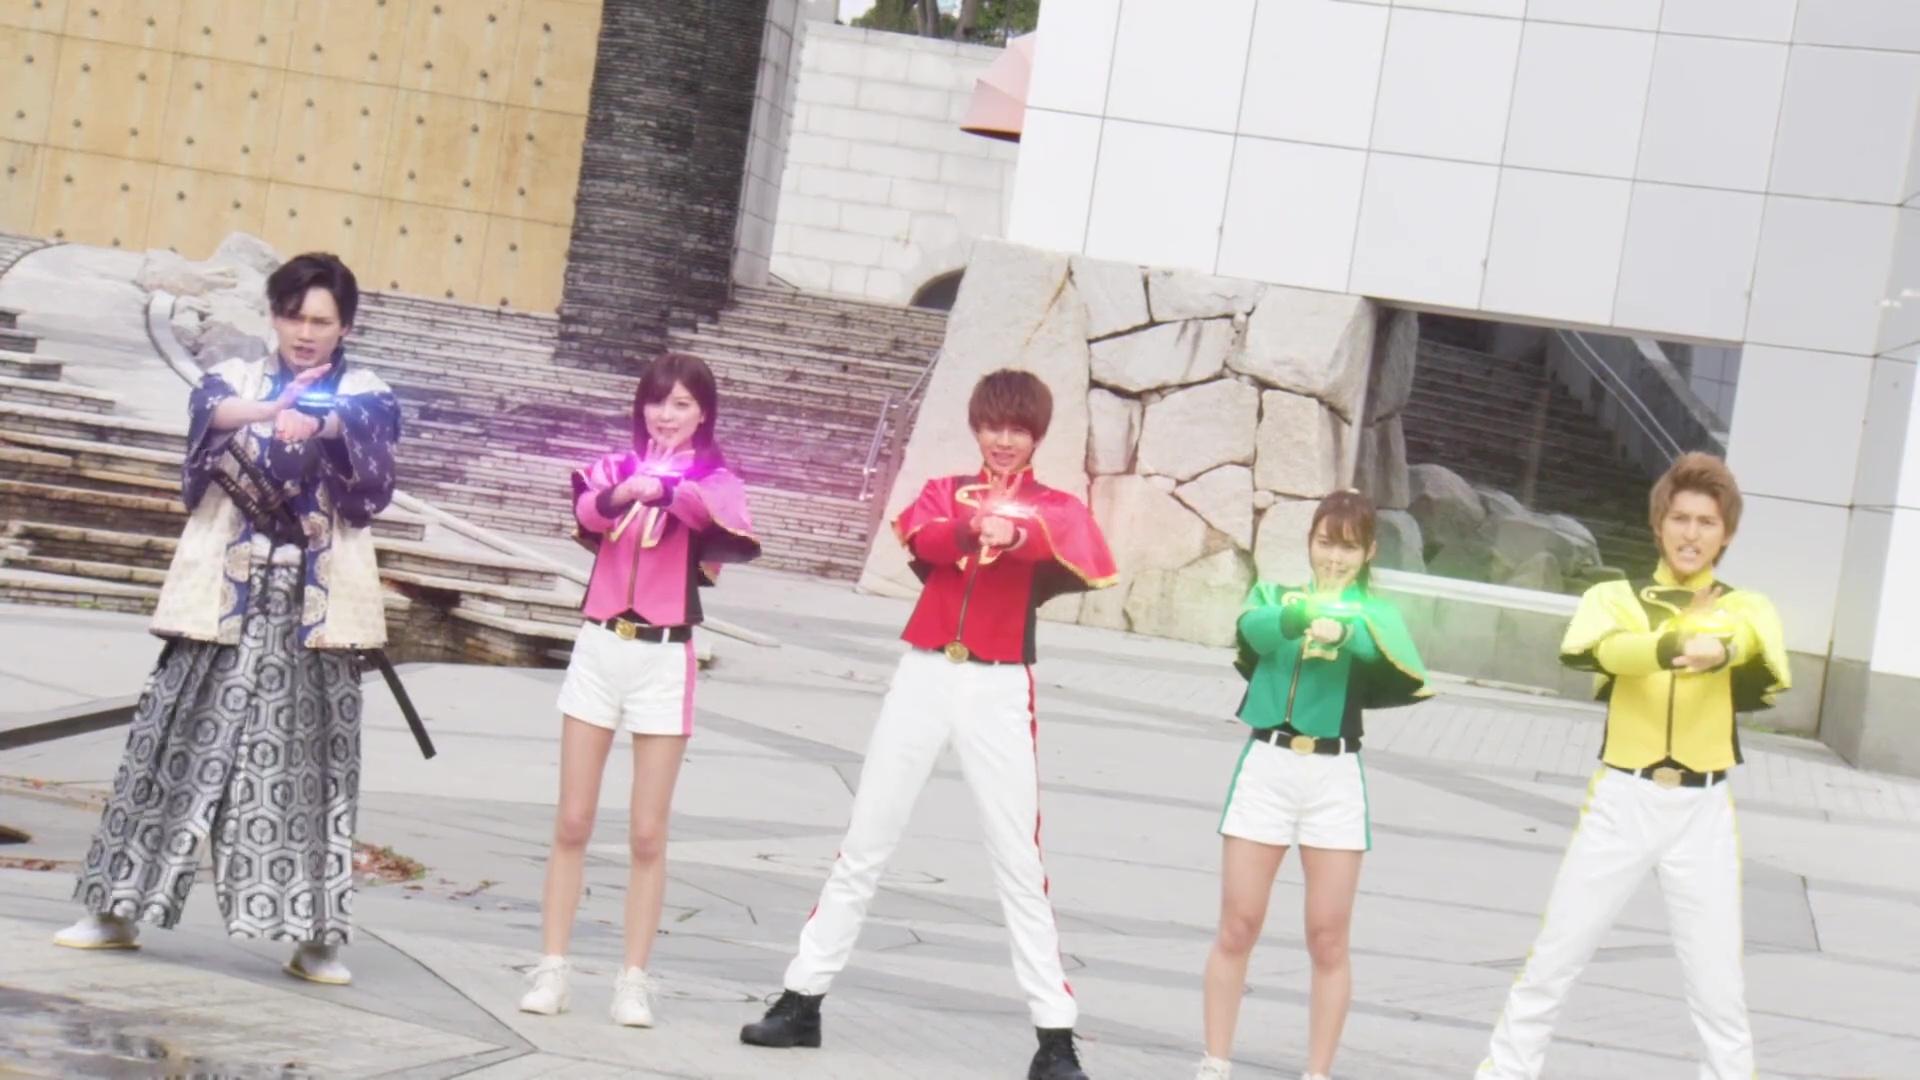 Mashin Sentai Kiramager Episode 3 Recap